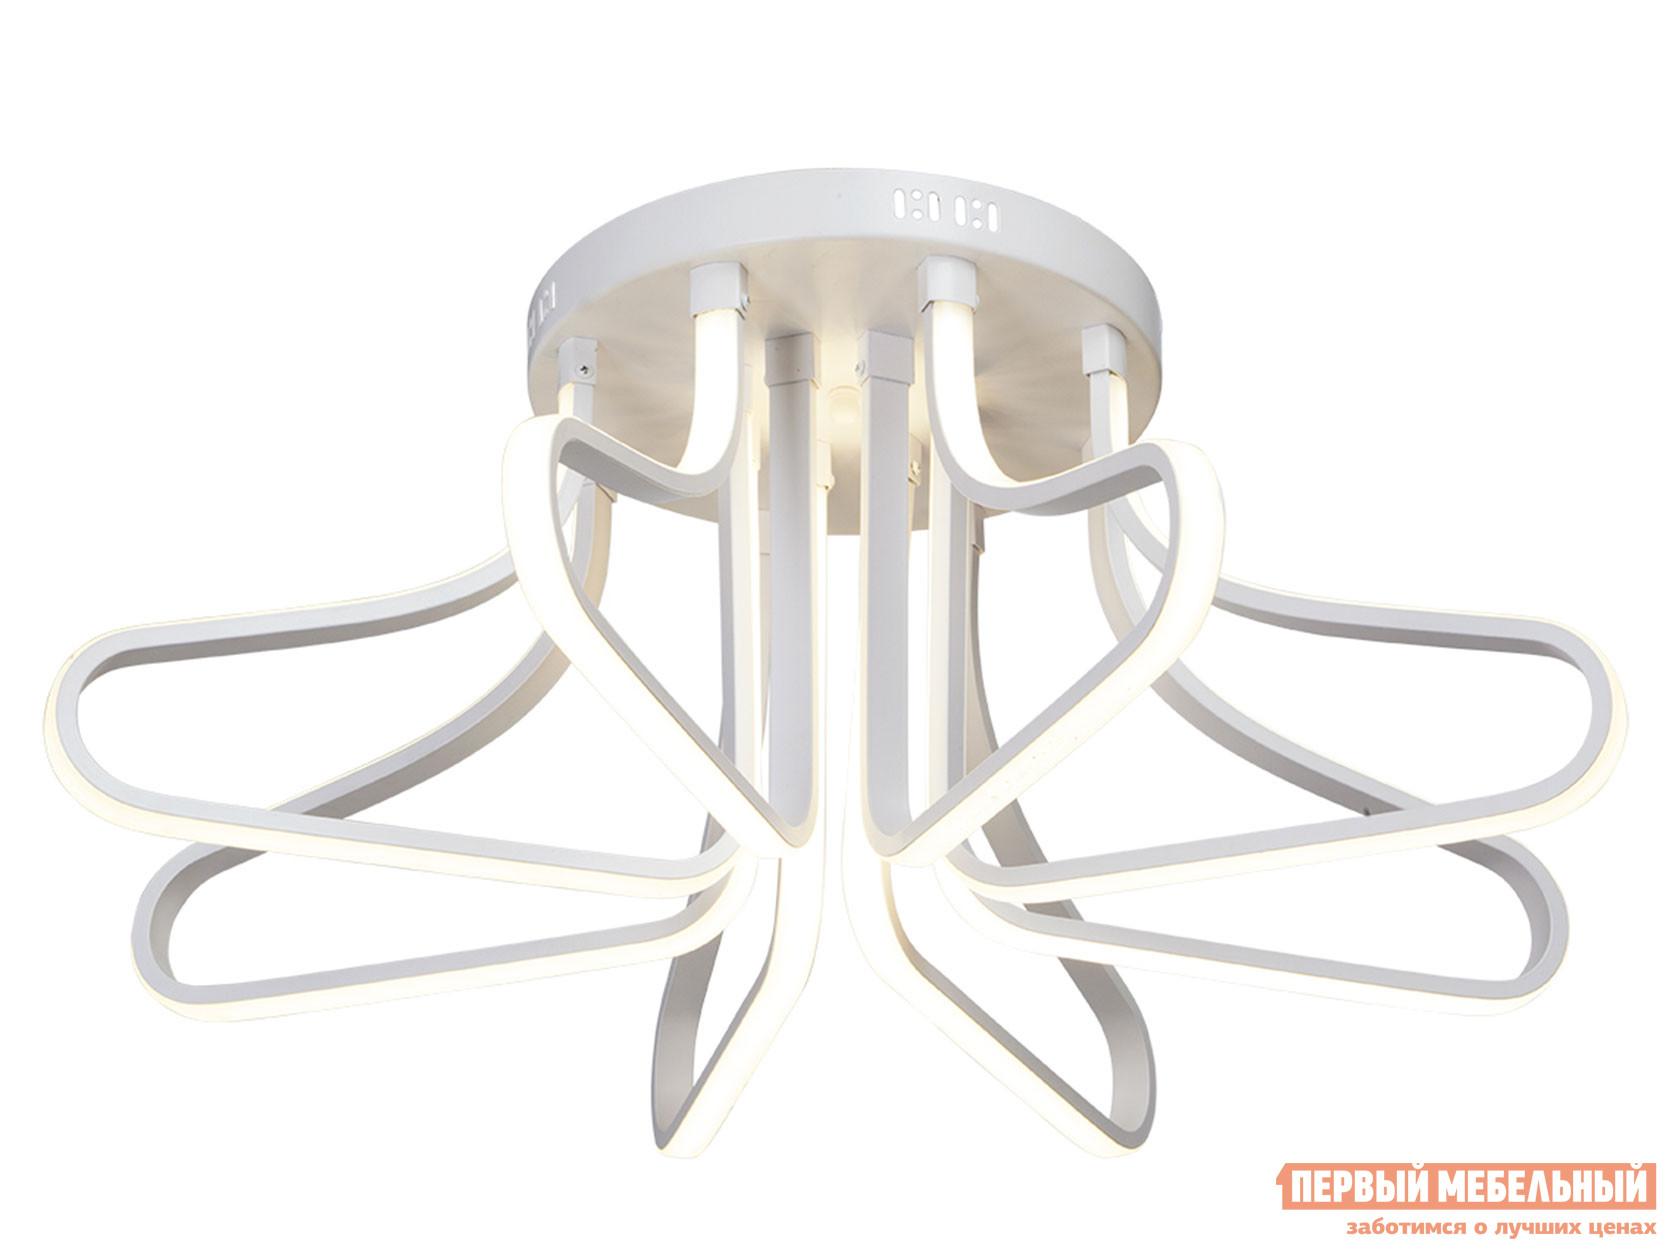 Люстра КСК-электро Светодиодный светильник V4613-0/8PL, LED 146Вт, 3900-4200К